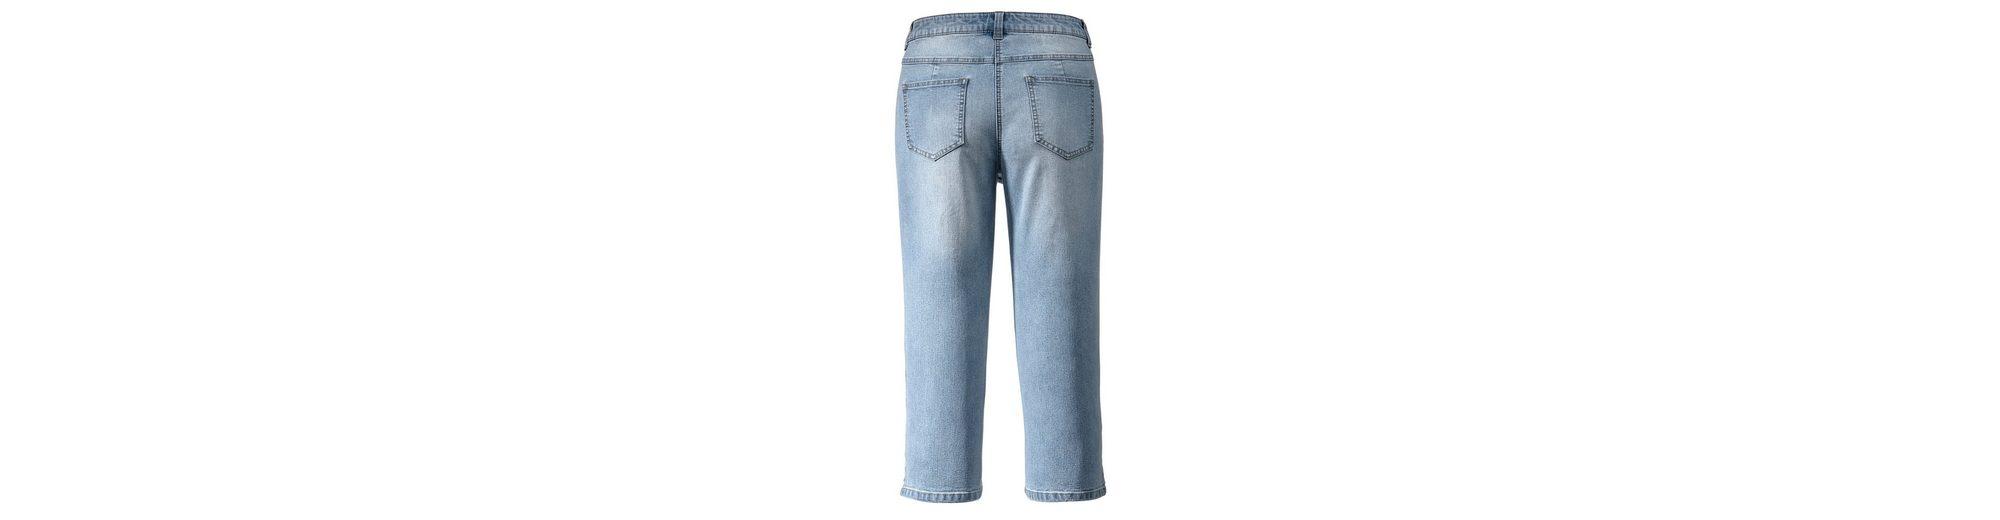 Janet und Joyce by Happy Size Capri-Jeans Die Besten Preise Zu Verkaufen Spielraum Preise Günstig Online ol7f25